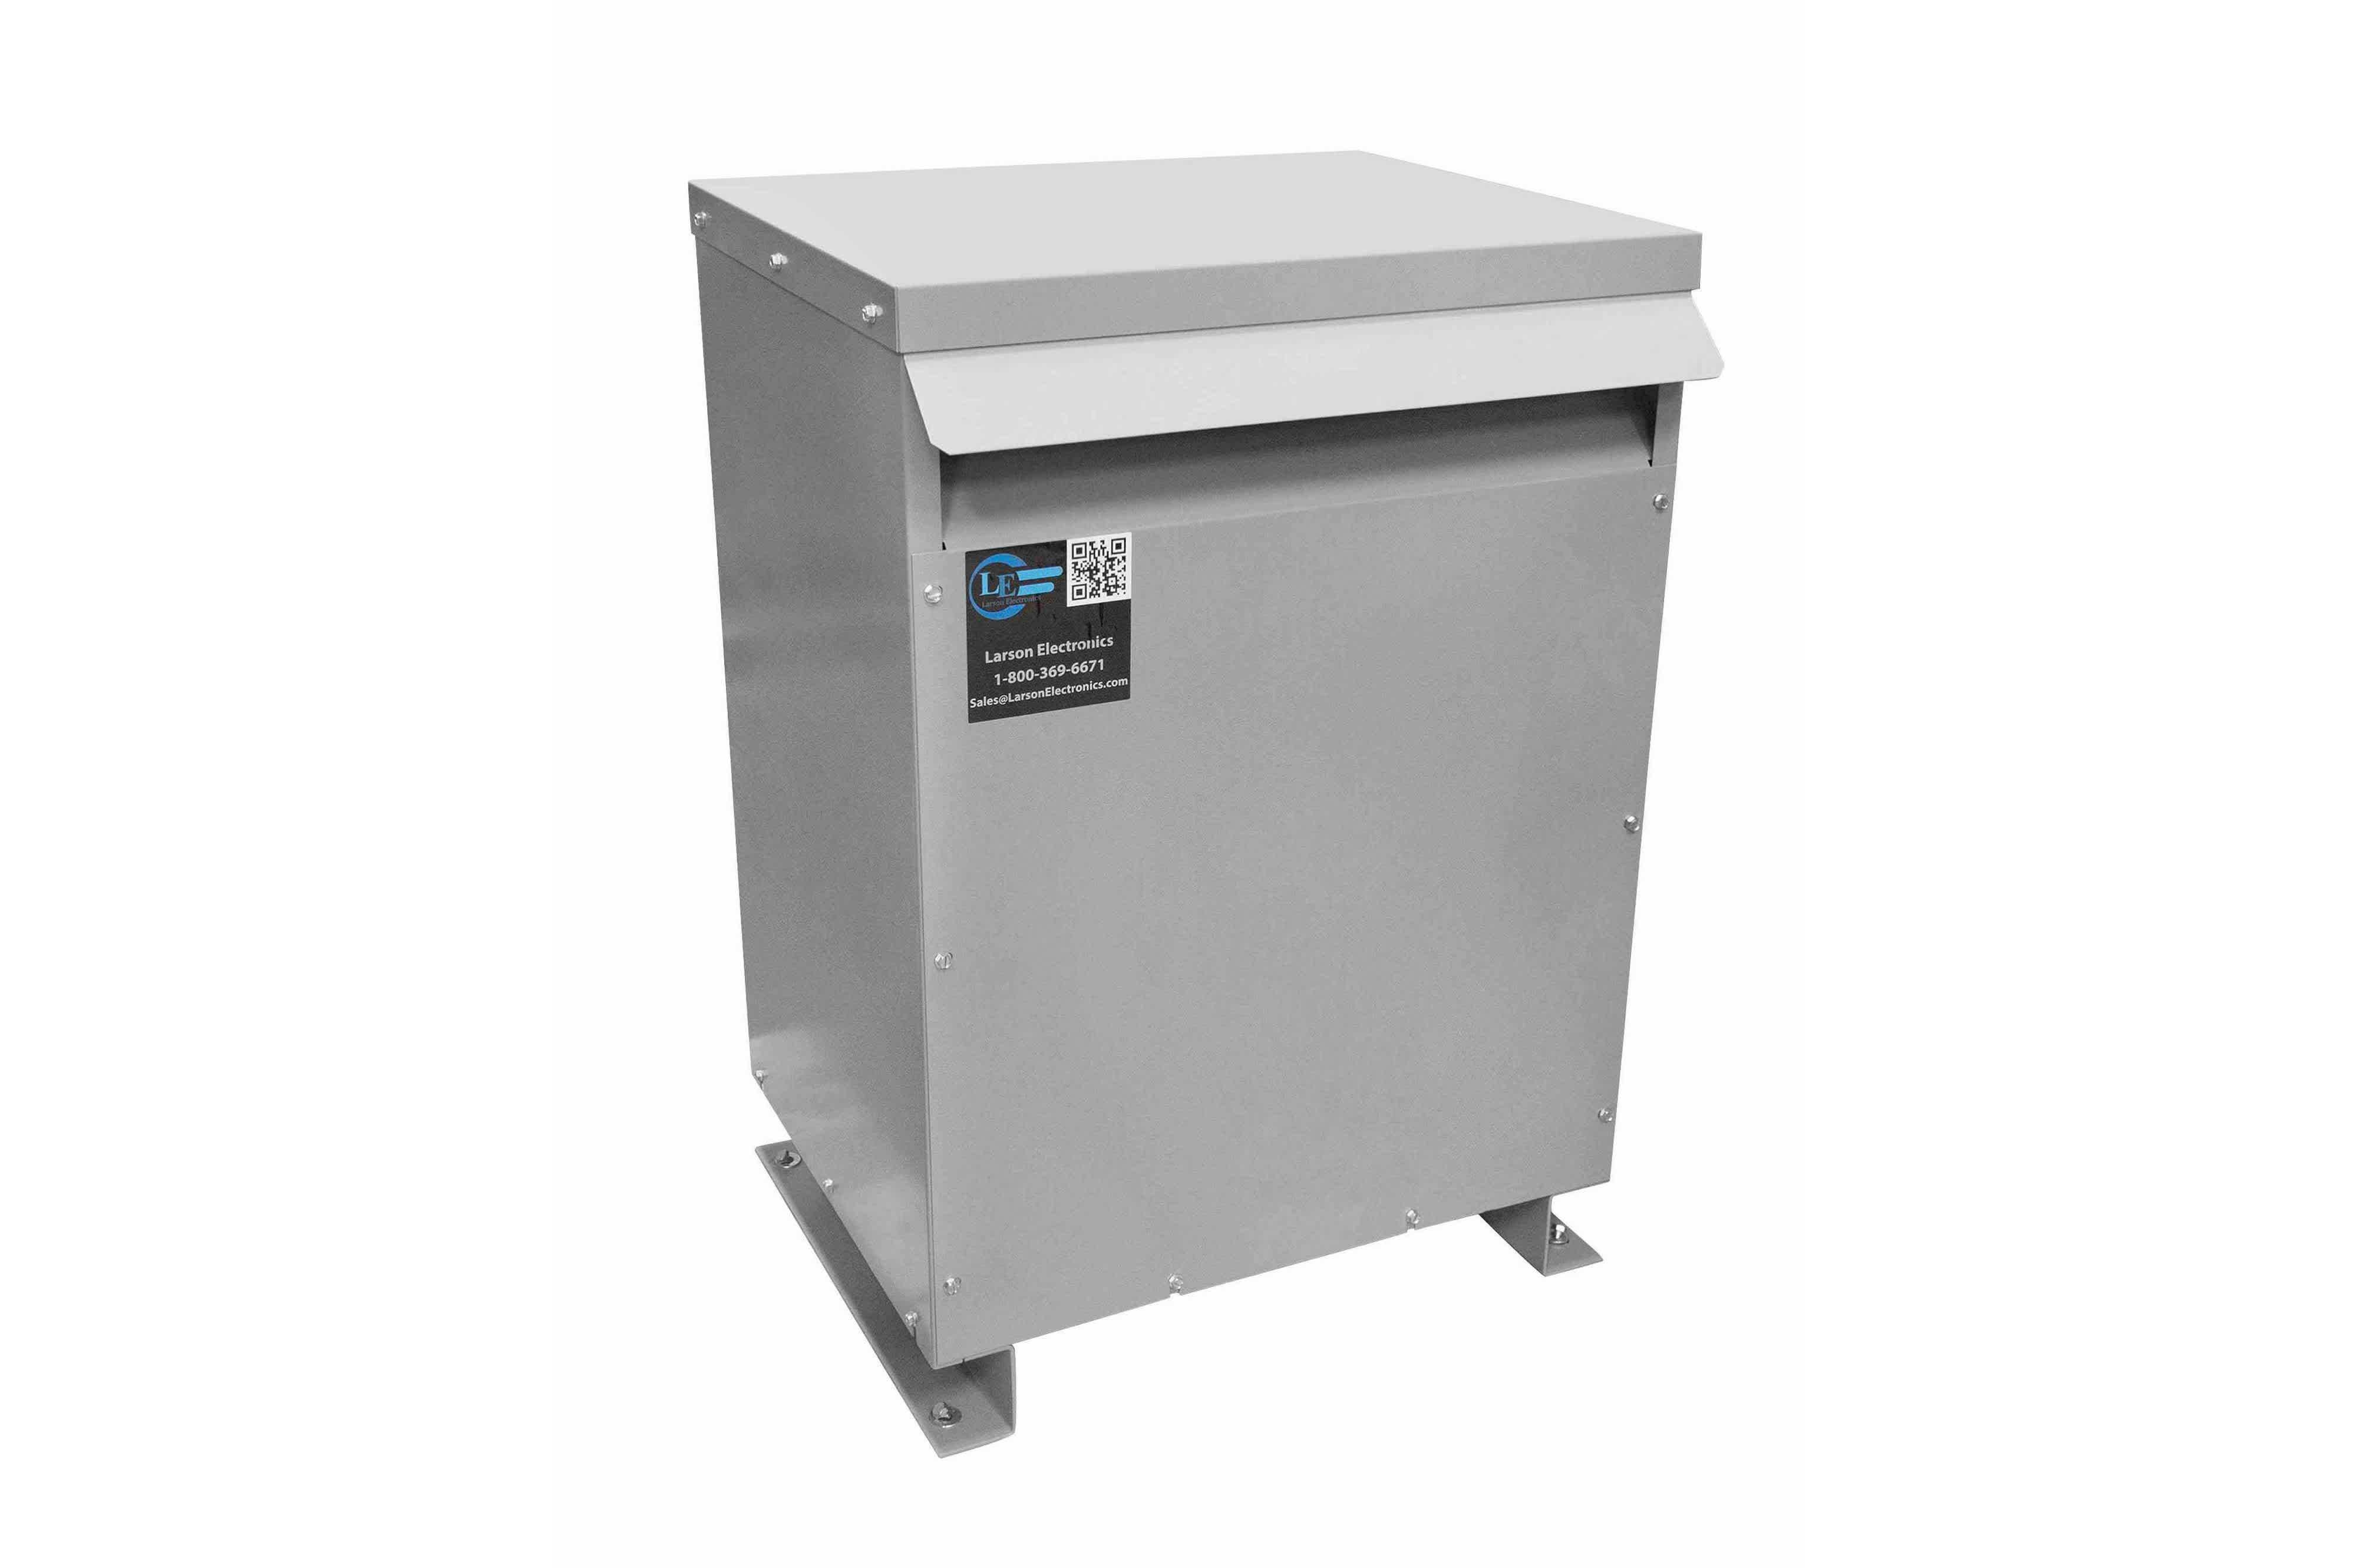 750 kVA 3PH Isolation Transformer, 400V Delta Primary, 240 Delta Secondary, N3R, Ventilated, 60 Hz